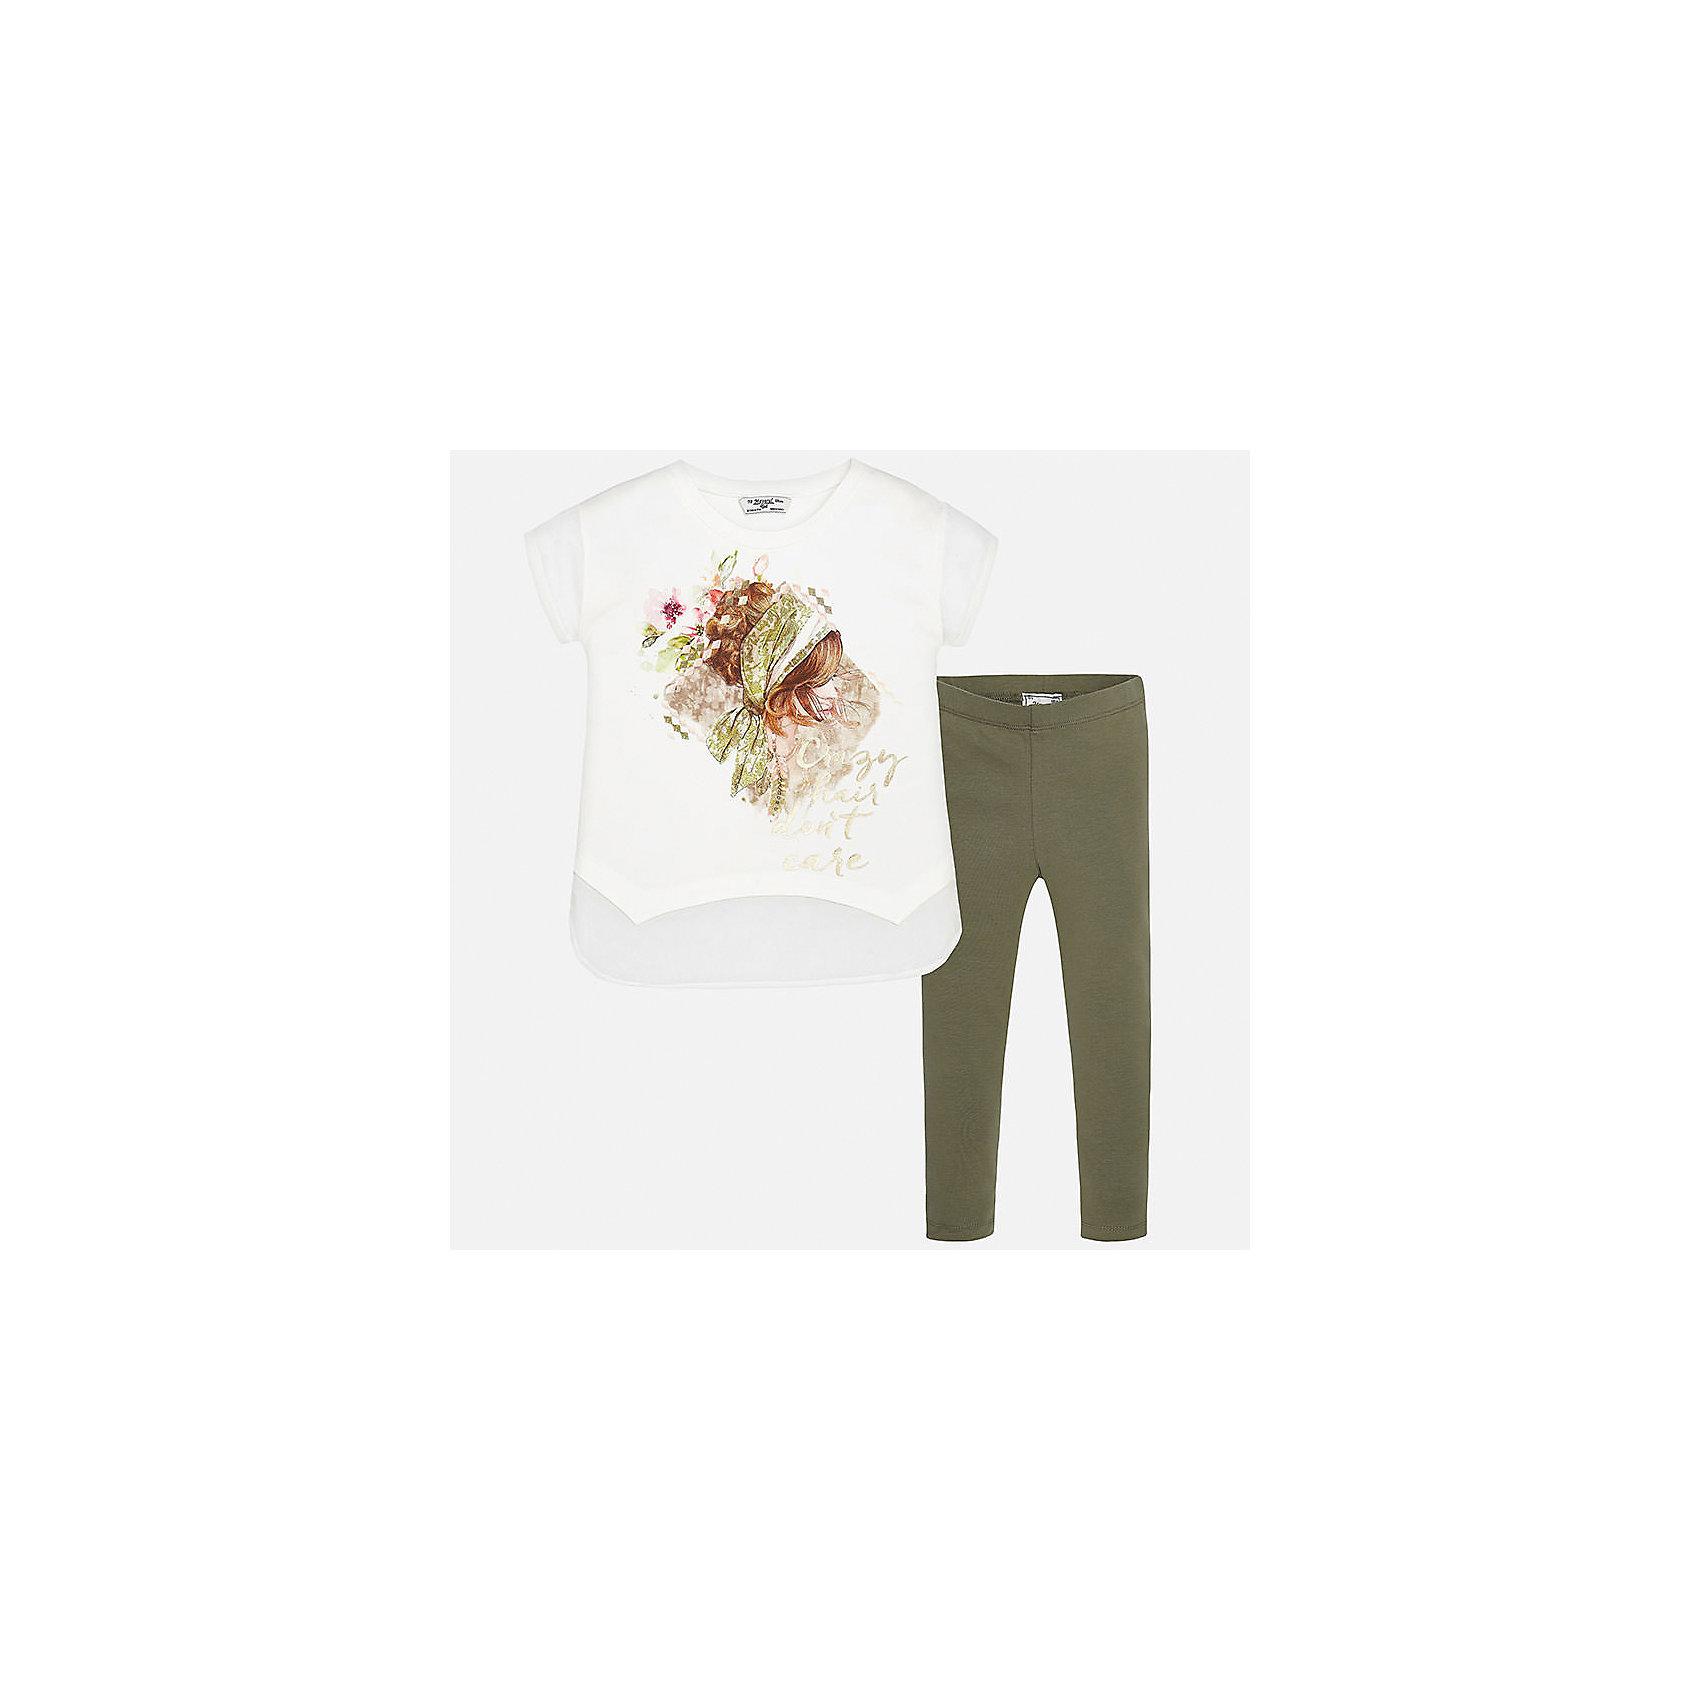 Комплект: футболка с длинным рукавом и леггинсы для девочки MayoralКомплекты<br>Характеристики товара:<br><br>• цвет: белый/зеленый<br>• состав: 95% хлопок, 5% эластан<br>• комплектация: футболка, леггинсы<br>• футболка декорирована принтом <br>• леггинсы однотонные<br>• пояс на резинке<br>• страна бренда: Испания<br><br>Красивый качественный комплект для девочки поможет разнообразить гардероб ребенка и удобно одеться в теплую погоду. Он отлично сочетается с другими предметами. Универсальный цвет позволяет подобрать к вещам верхнюю одежду практически любой расцветки. Интересная отделка модели делает её нарядной и оригинальной. В составе материала - натуральный хлопок, гипоаллергенный, приятный на ощупь, дышащий.<br><br>Одежда, обувь и аксессуары от испанского бренда Mayoral полюбились детям и взрослым по всему миру. Модели этой марки - стильные и удобные. Для их производства используются только безопасные, качественные материалы и фурнитура. Порадуйте ребенка модными и красивыми вещами от Mayoral! <br><br>Комплект для девочки от испанского бренда Mayoral (Майорал) можно купить в нашем интернет-магазине.<br><br>Ширина мм: 123<br>Глубина мм: 10<br>Высота мм: 149<br>Вес г: 209<br>Цвет: коричневый<br>Возраст от месяцев: 84<br>Возраст до месяцев: 96<br>Пол: Женский<br>Возраст: Детский<br>Размер: 128/134,164,140,152,158<br>SKU: 5300896